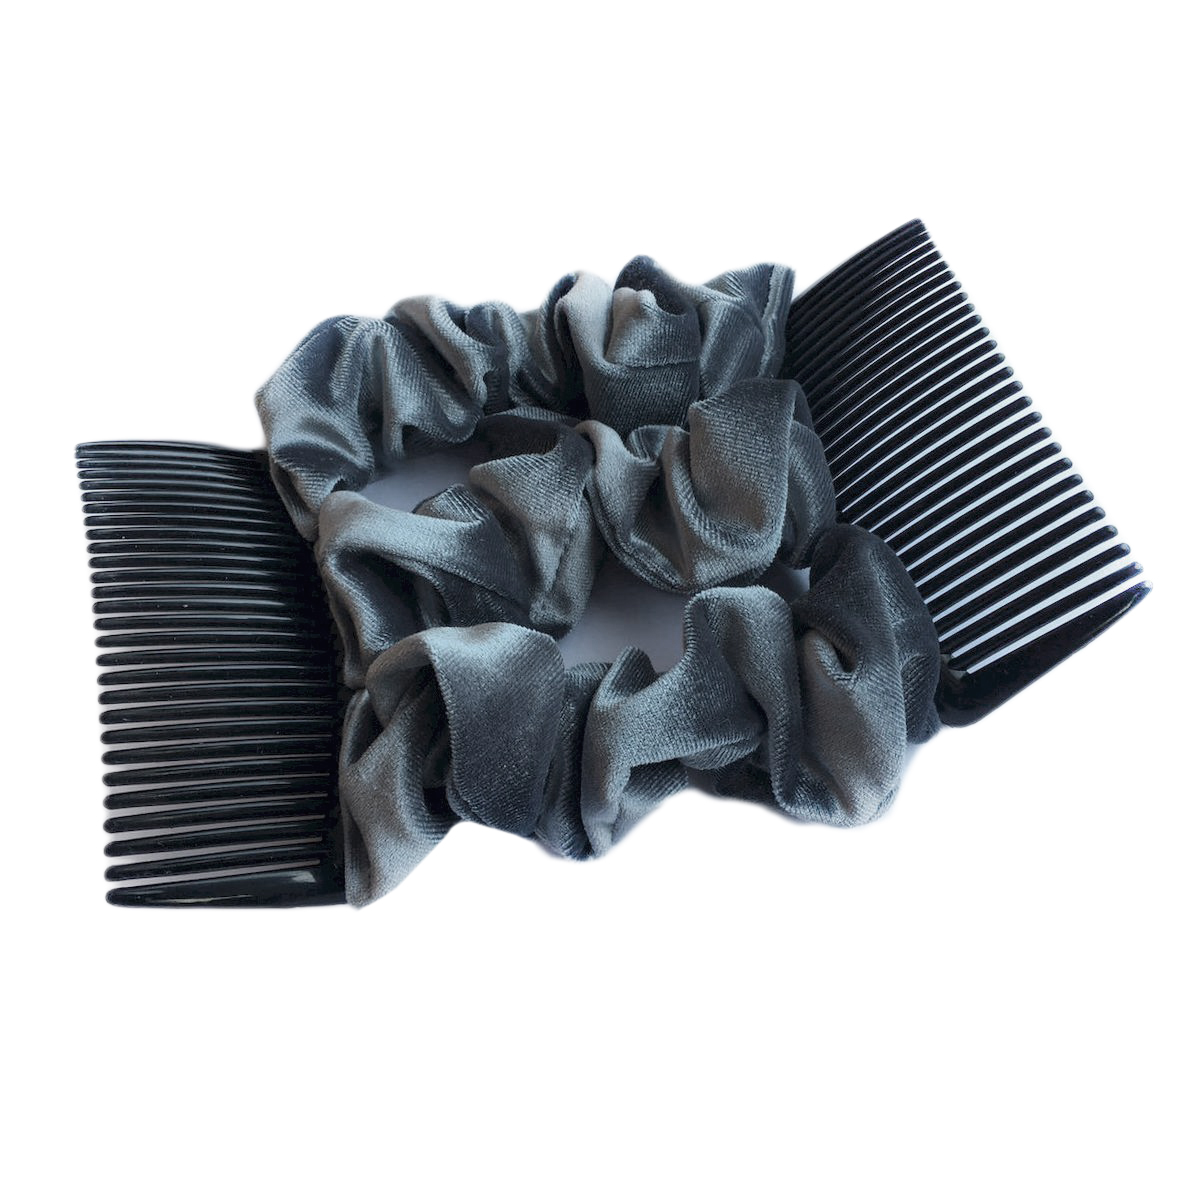 Montar Заколка Монтар, сераяЗМТ_срУдобная и практичная MONTAR напоминает Изи Коум.Подходит для любого типа волос: тонких, жестких, вьющихся или прямых, и не наносит им никакого вреда. Заколка не мешает движениям головы и не создает дискомфорта, когда вы отдыхаете или управляете автомобилем.Каждый гребень имеет по 20 зубьев для надежной фиксации заколки на волосах! И даже во время бега и интенсивных тренировок в спортзале Изи Коум не падает; она прочно фиксирует прическу, сохраняя укладку в первозданном виде.Небольшая и легкая заколка поместится в любой дамской сумочке, позволяя быстро и без особых усилий создавать неповторимые прически там, где вам это удобно. Гребень прекрасно сочетается с любой одеждой: будь это классический или спортивный стиль, завершая гармоничный облик современной леди. И неважно, какой образ жизни вы ведете, если у вас есть MONTAR, вы всегда будете выглядеть потрясающе.Применение:1) Вставьте один из гребней под прическу вогнутой стороной к поверхности головы.2) Поместите пальцы рук в заколку, чтобы придержать волосы, и закрепите первый гребень.3) Второй гребень оберните поверх прически и вставьте с другой стороны вогнутой поверхностью к голове и закрепите его.